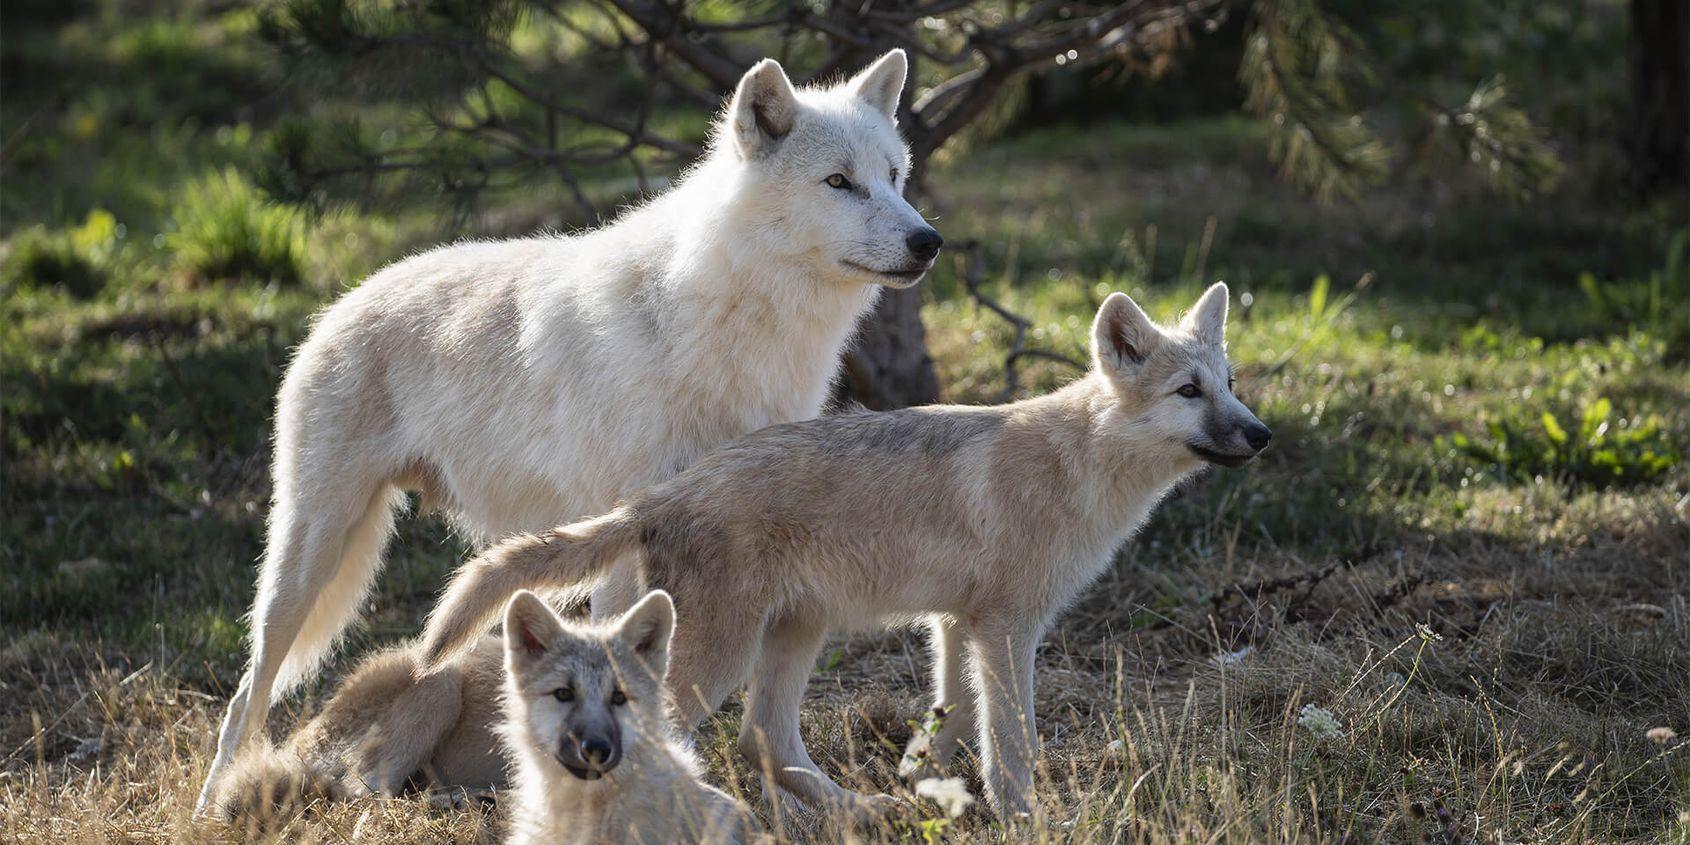 Loup arctique et ses bébés - Les animaux du Territoire Nord-Américain - ZooParc de Beauval